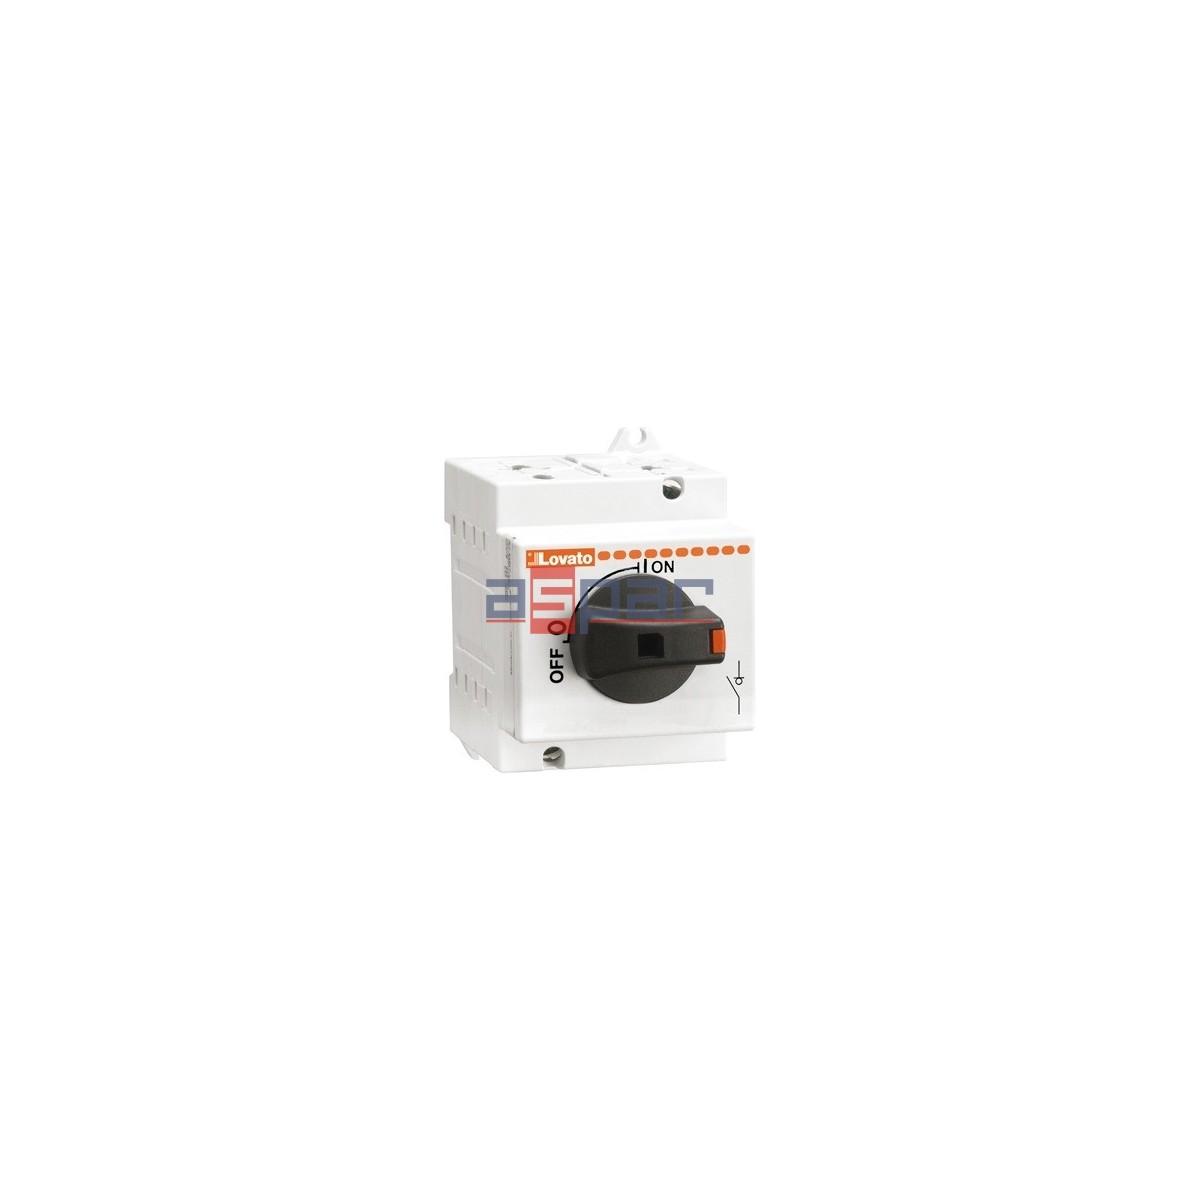 GD025AT2 - Rozłącznik izolacyjny do aplikacji PV, DC21B: 25A przy 600VDC, 16A przy 1000VDC